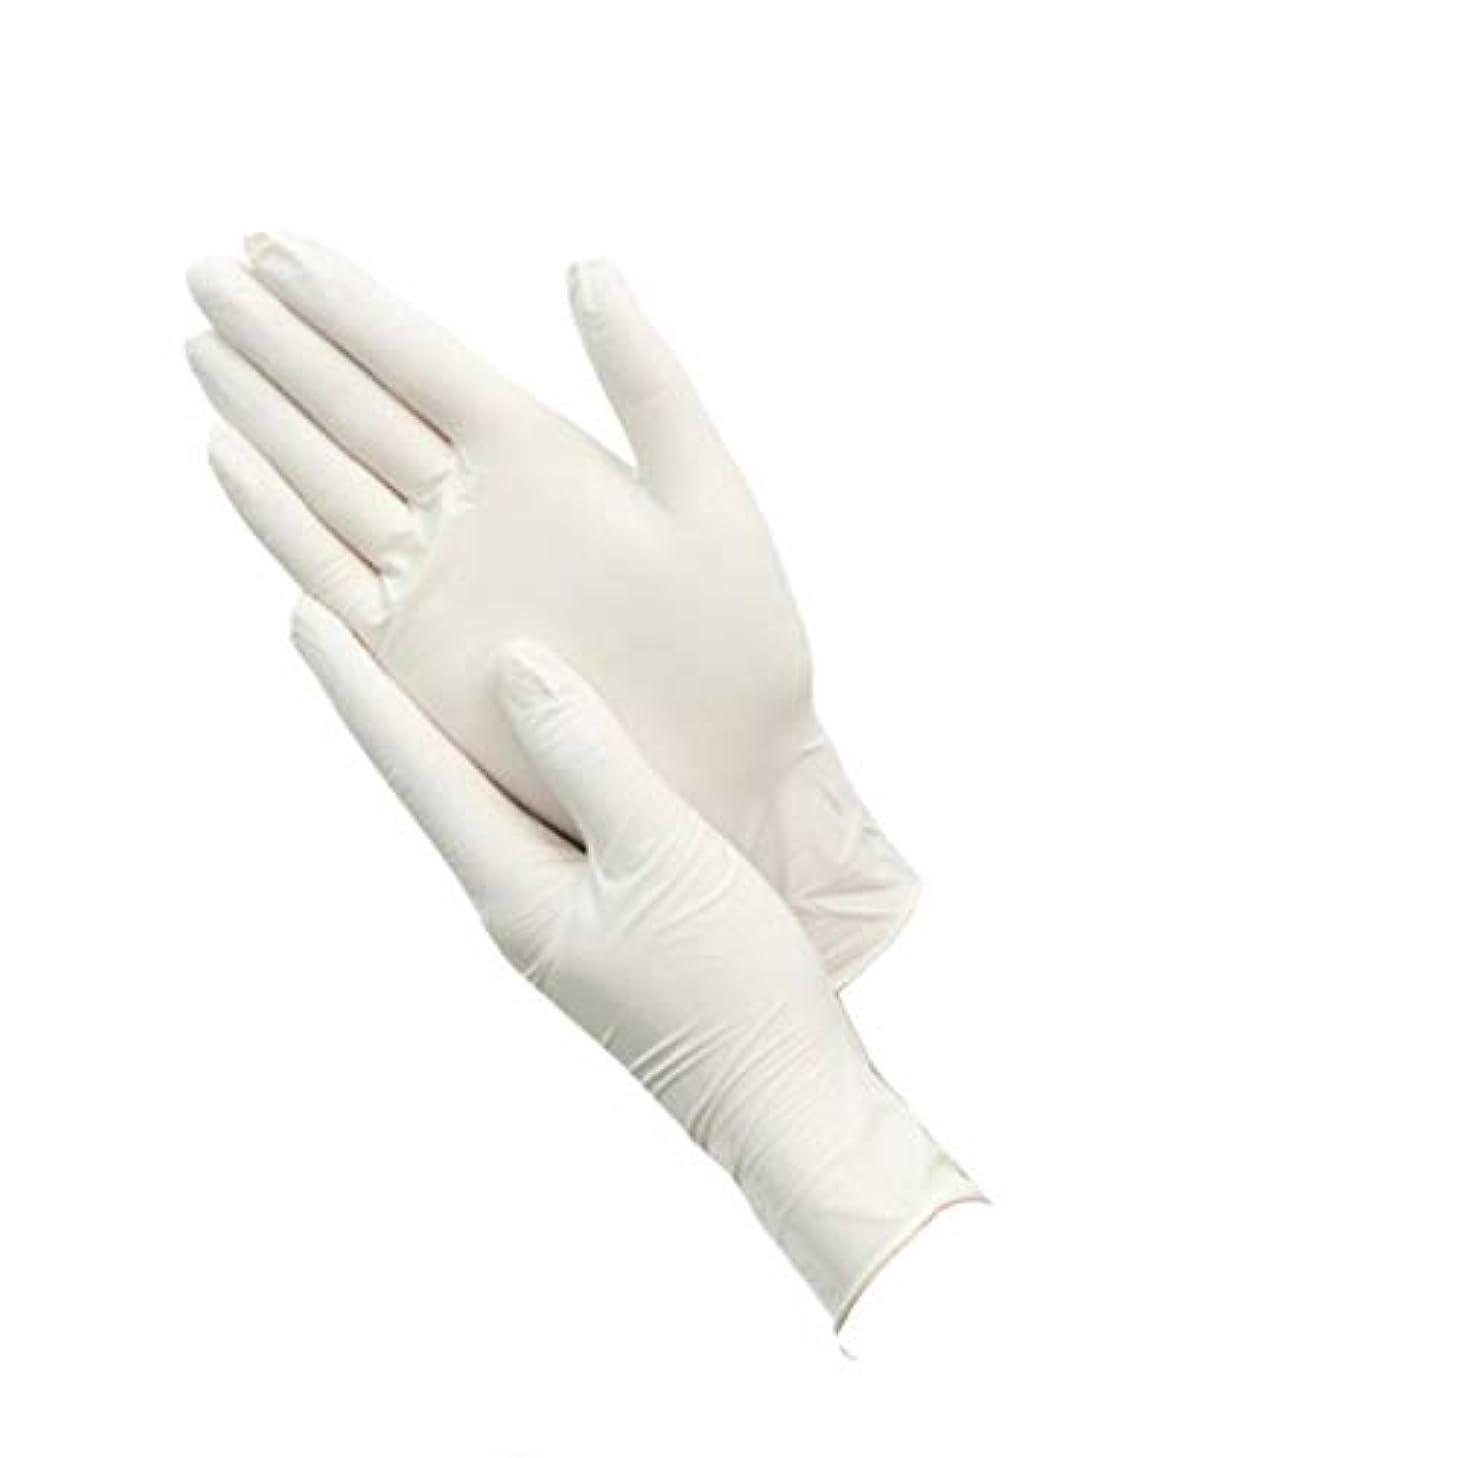 巨人歌手男性使い捨て手袋グッド100グラム増量ニトリルブタジエンゴム (サイズ さいず : XL)